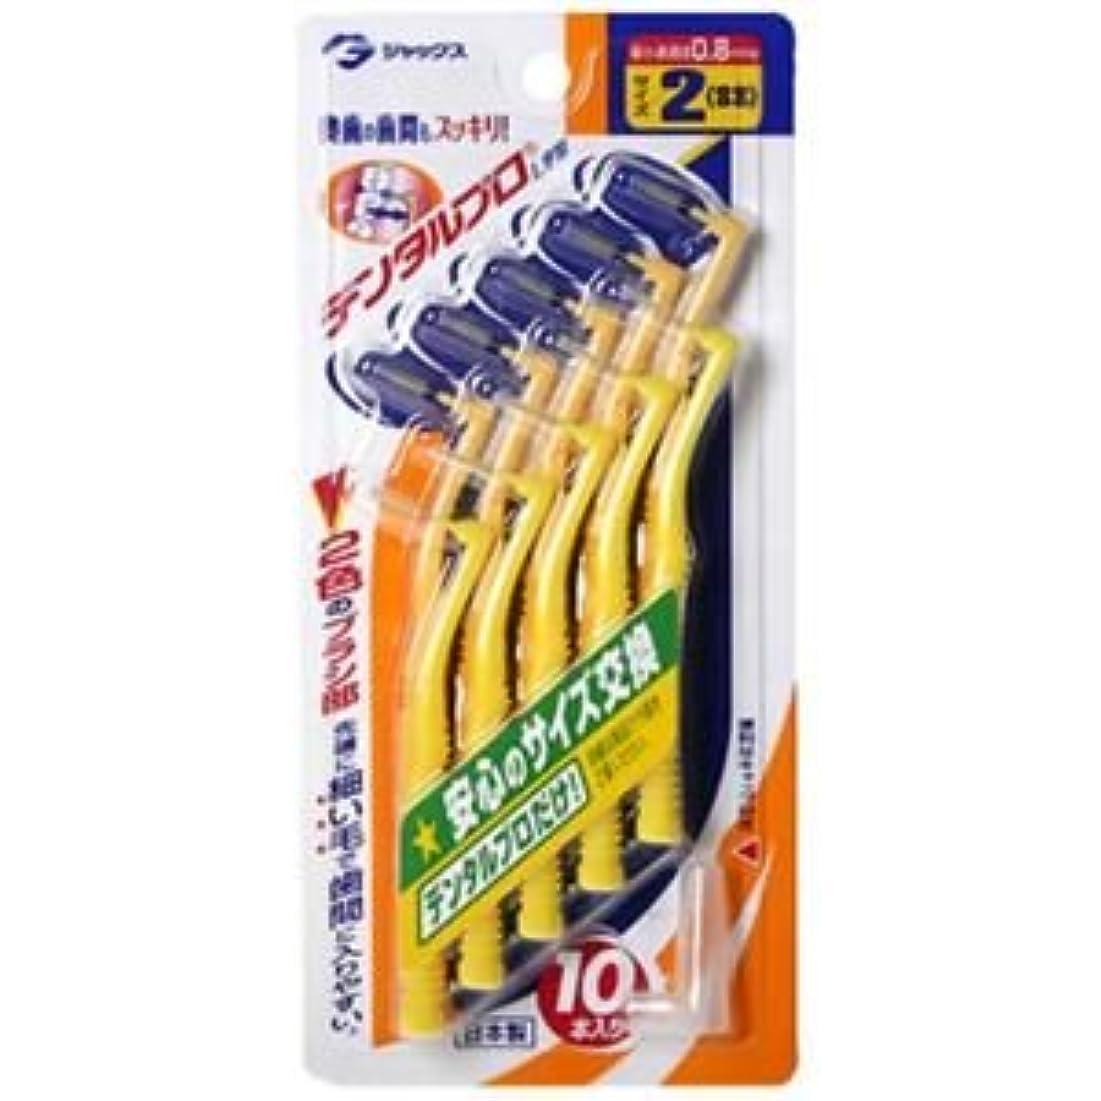 デンタルプロ L字型歯間ブラシ サイズ2(SS) 17セット